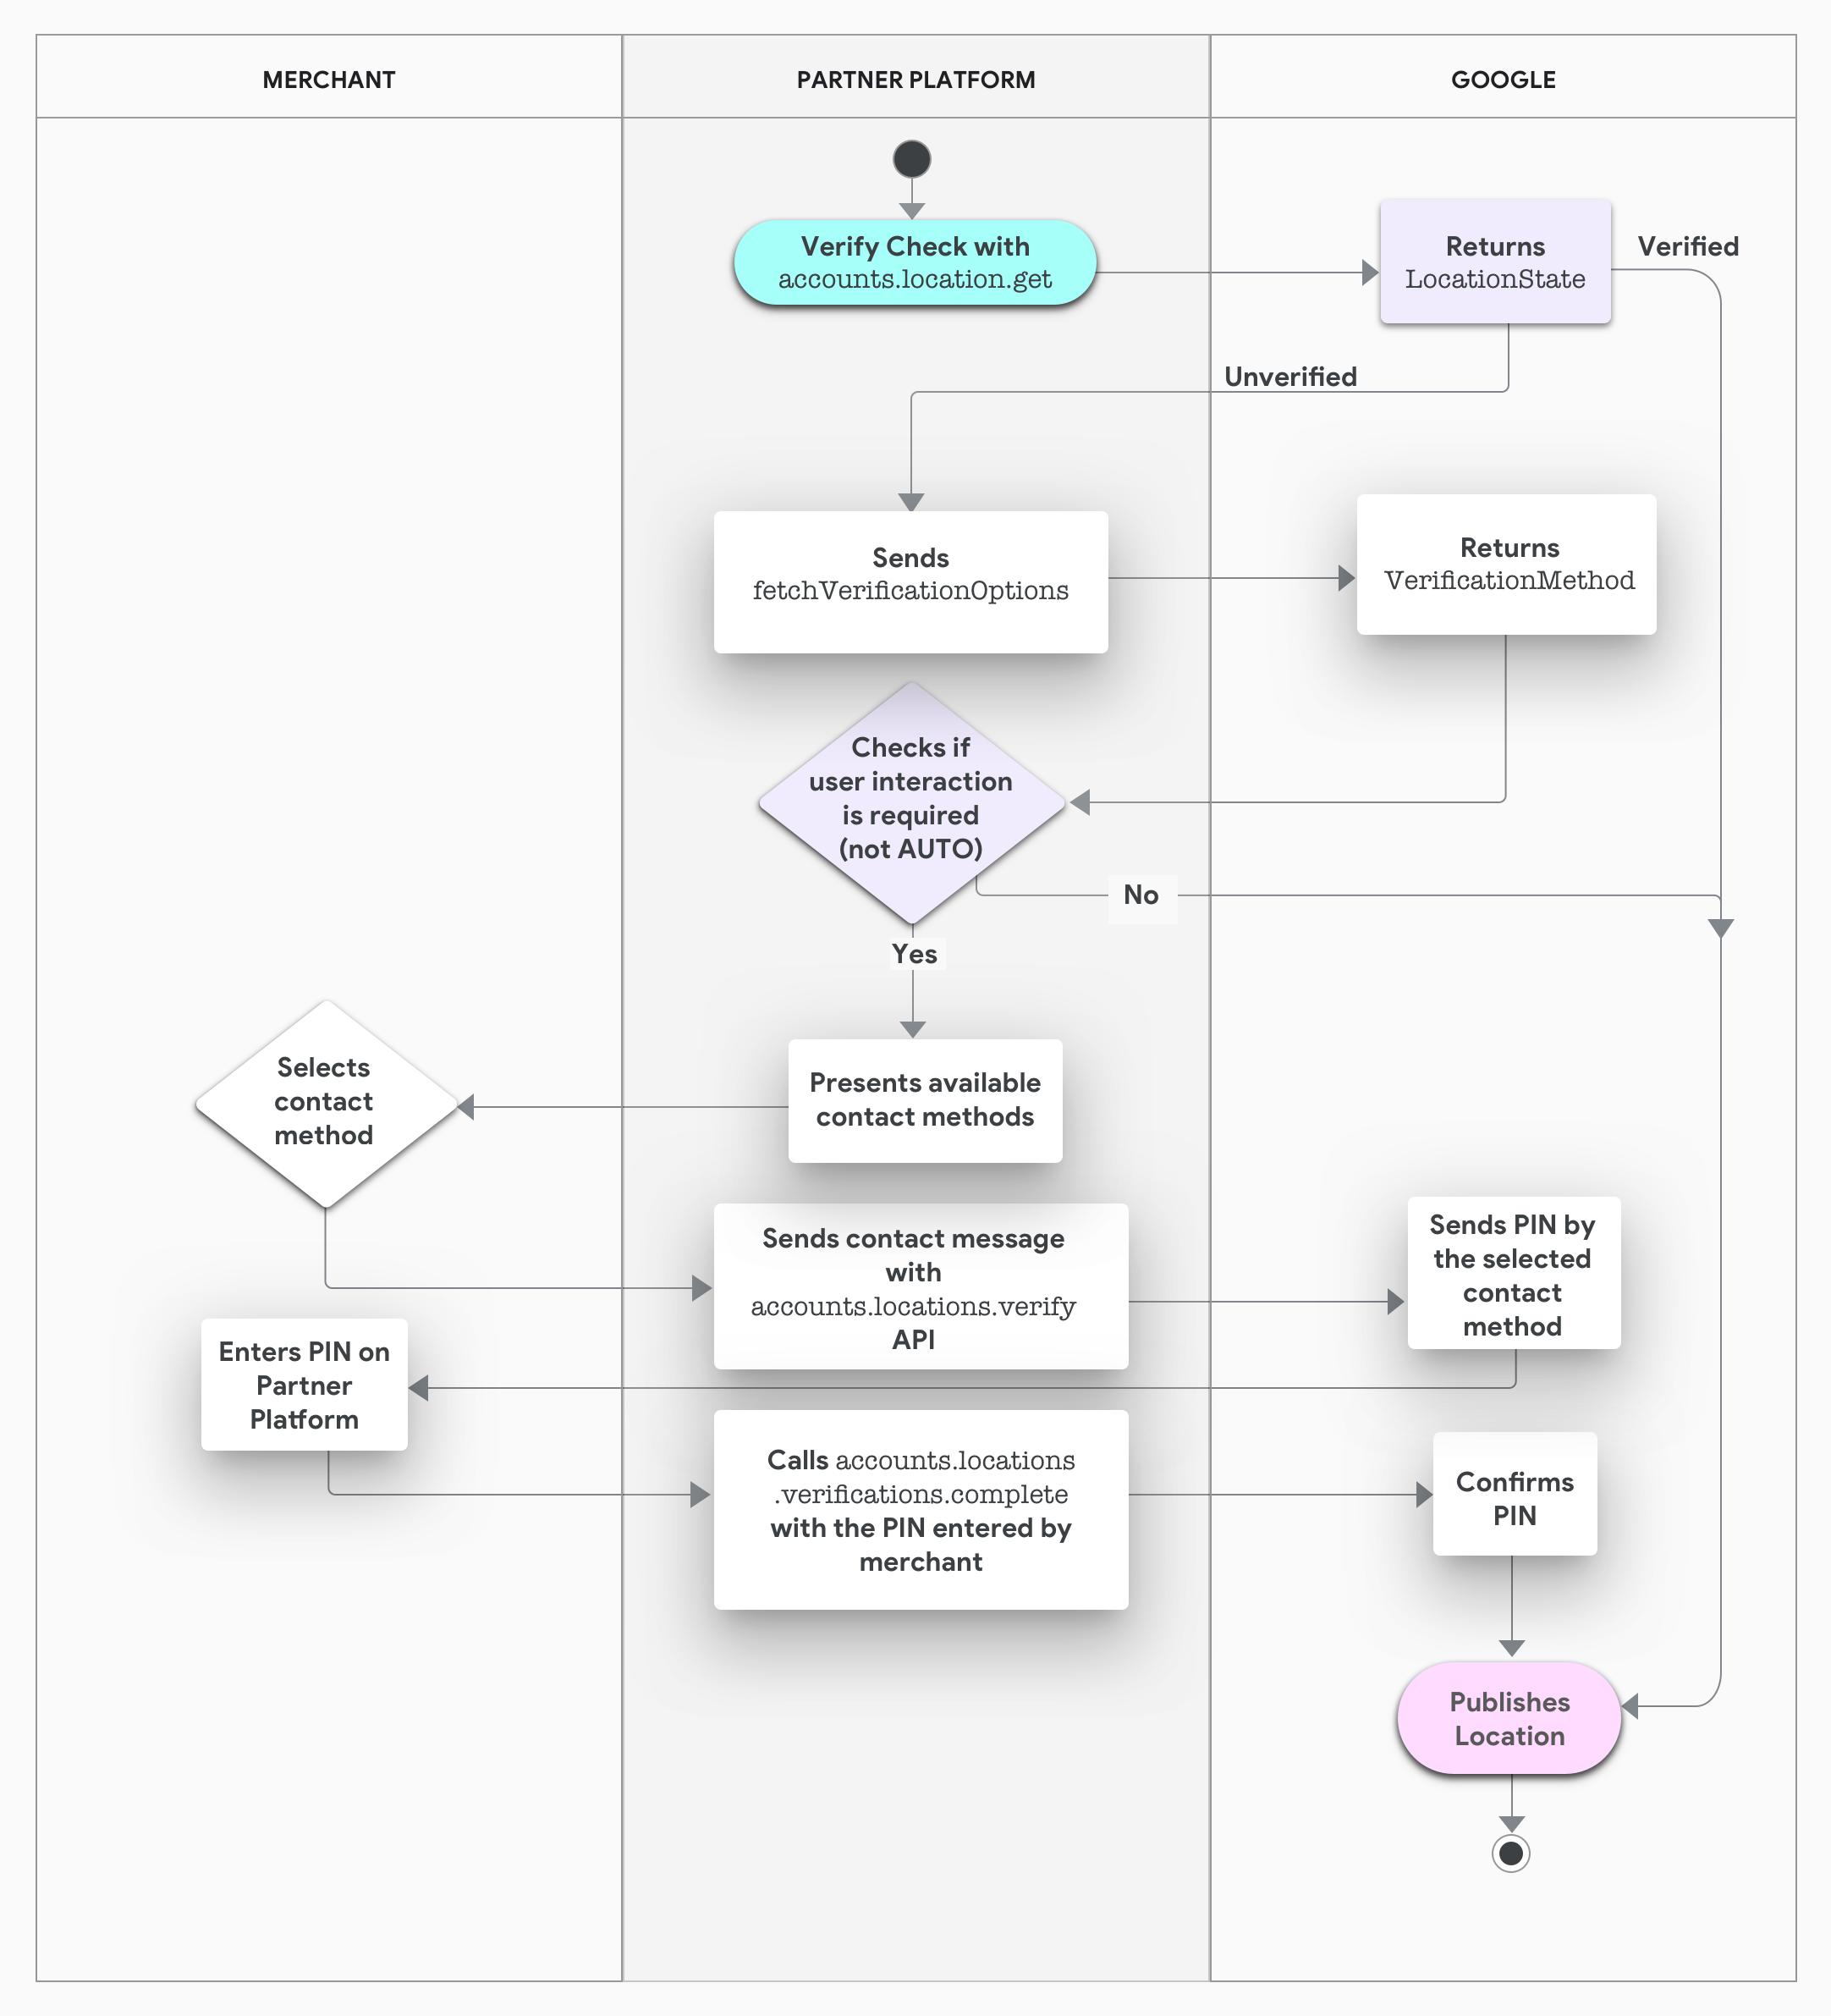 プラットフォームを使用したオーナー確認プロセスのスイムレーン図。